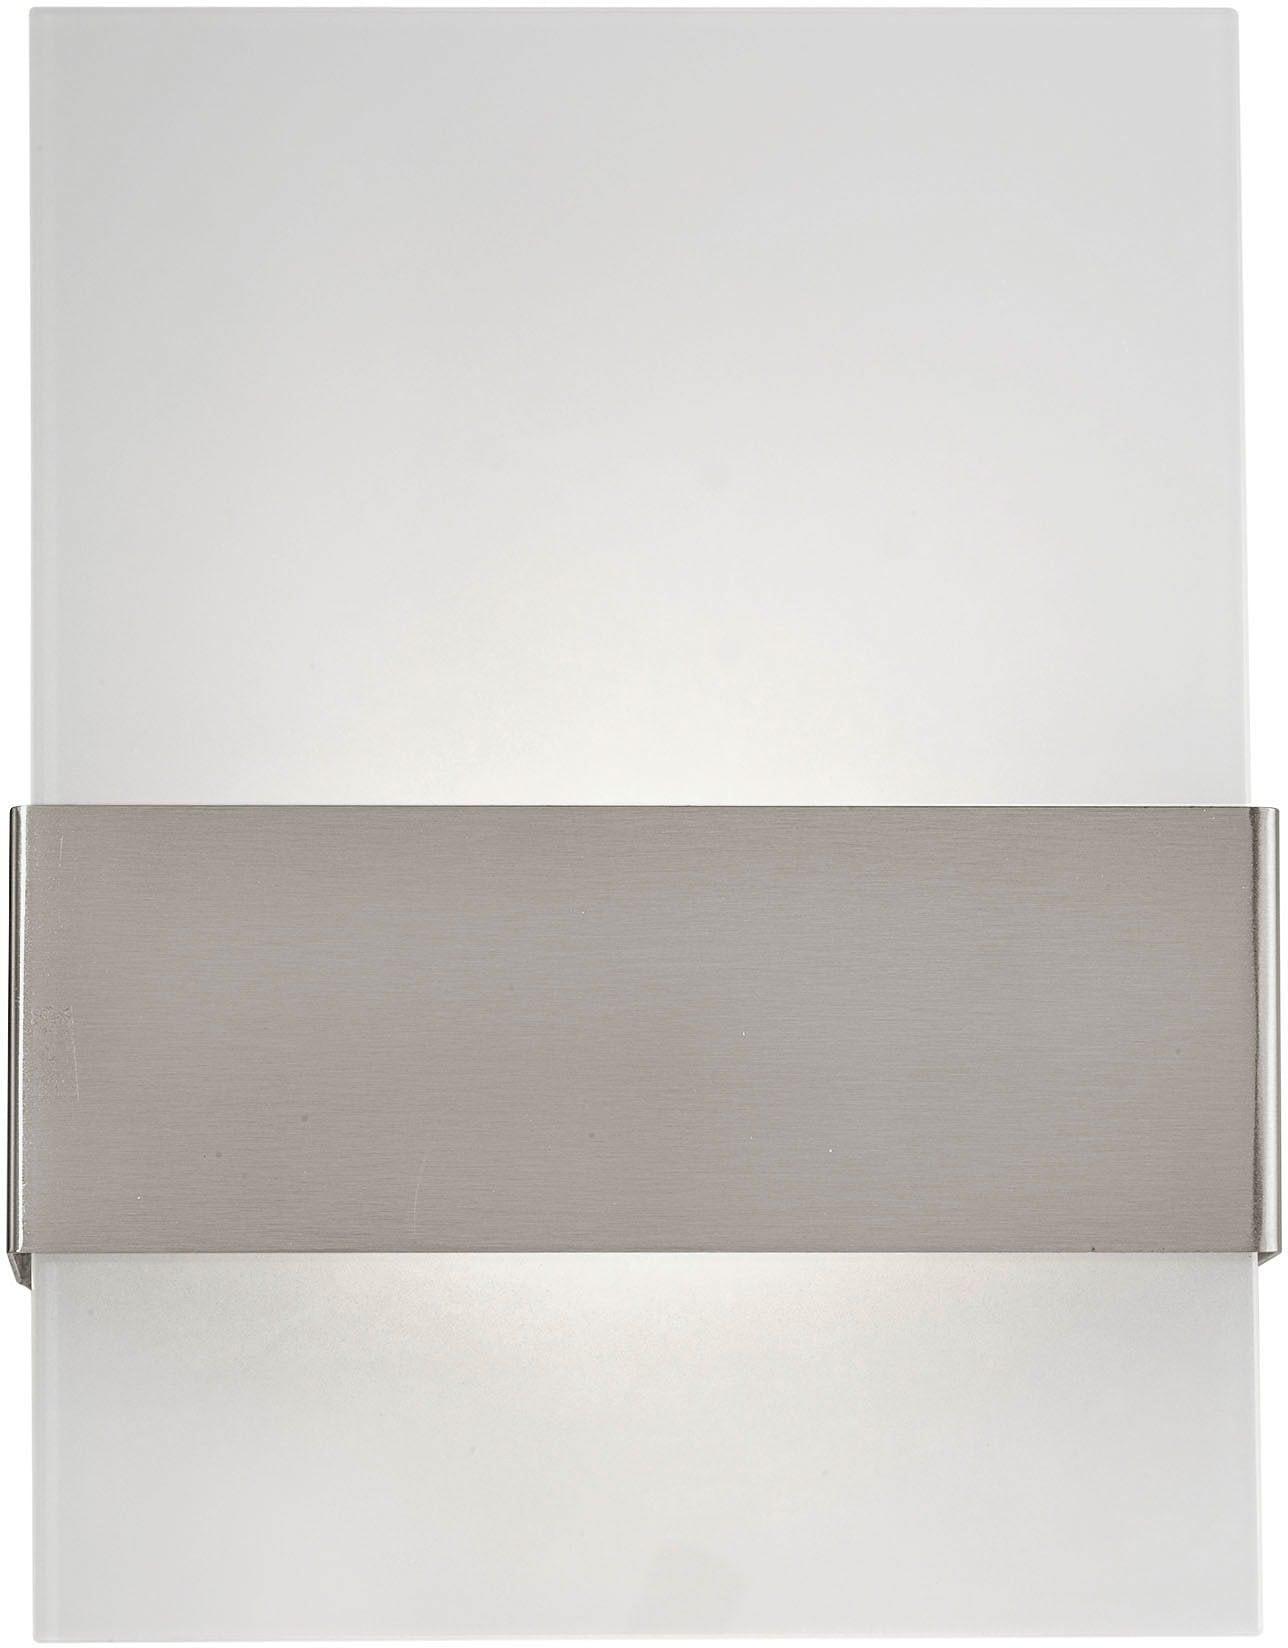 EGLO,LED Außen-Wandleuchte Nadela